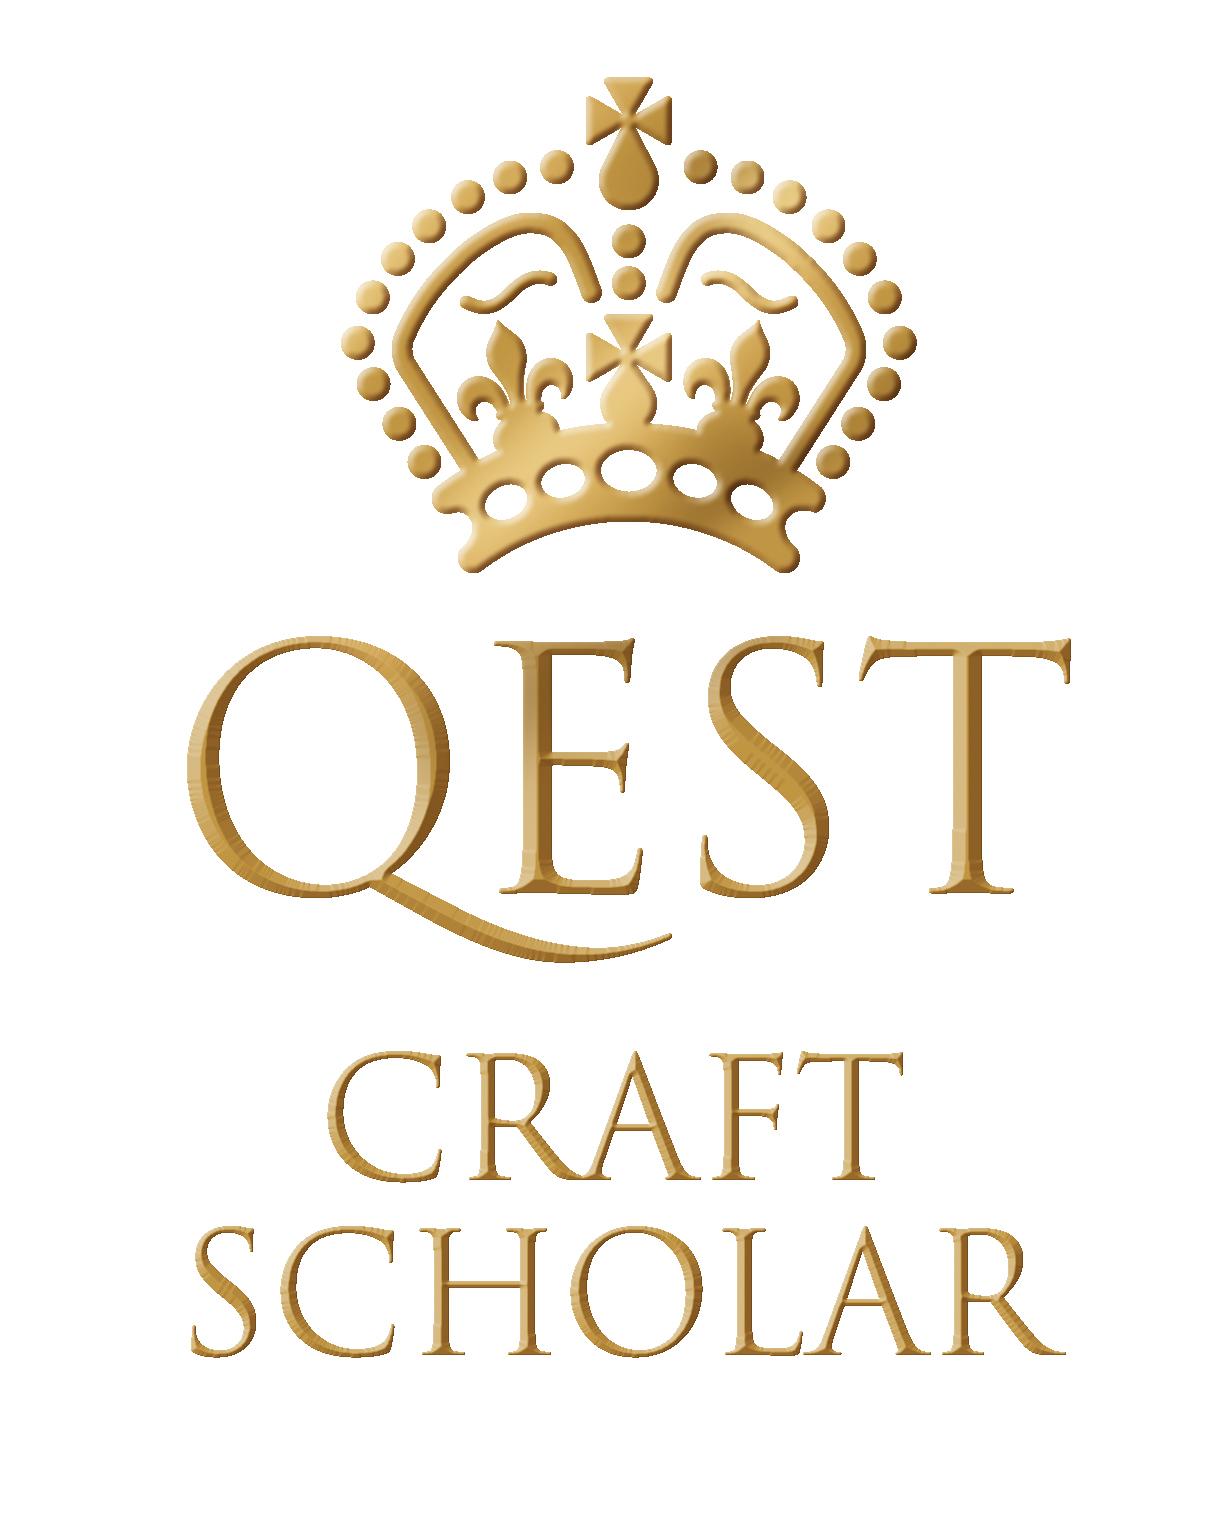 QEST scholar